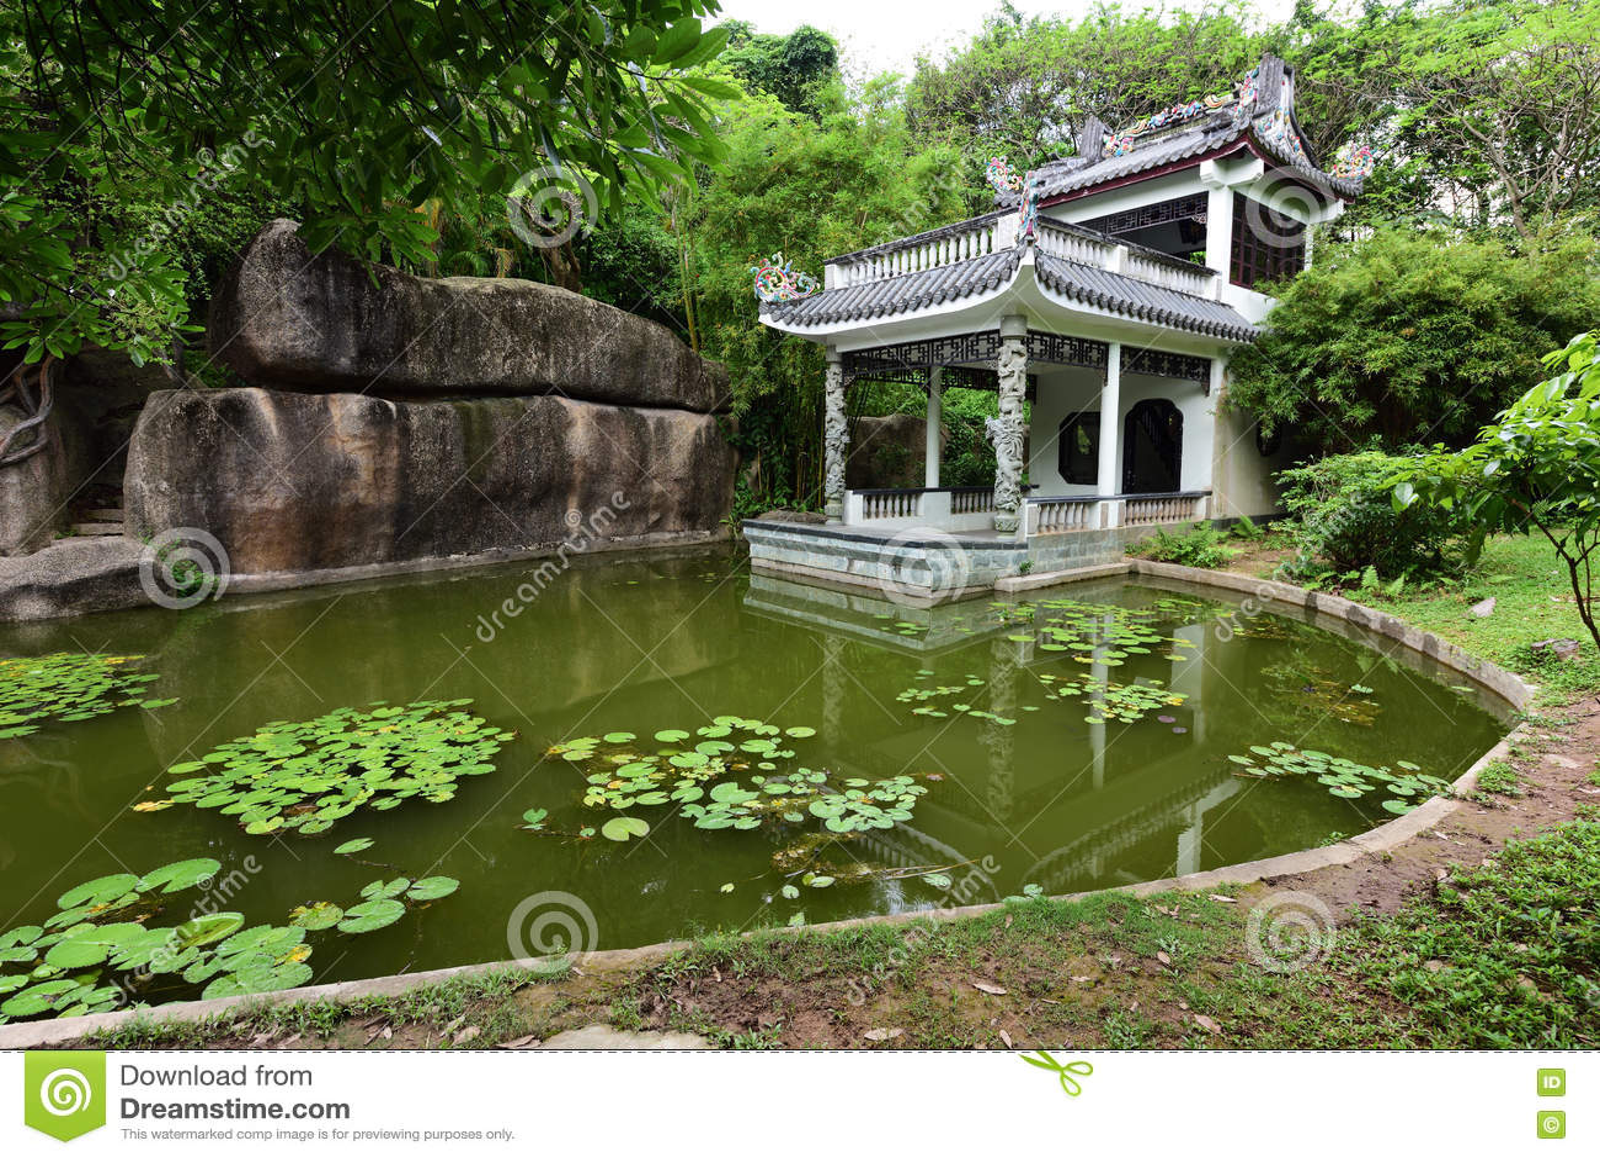 giardino antico cinese immagine stock immagine di famoso